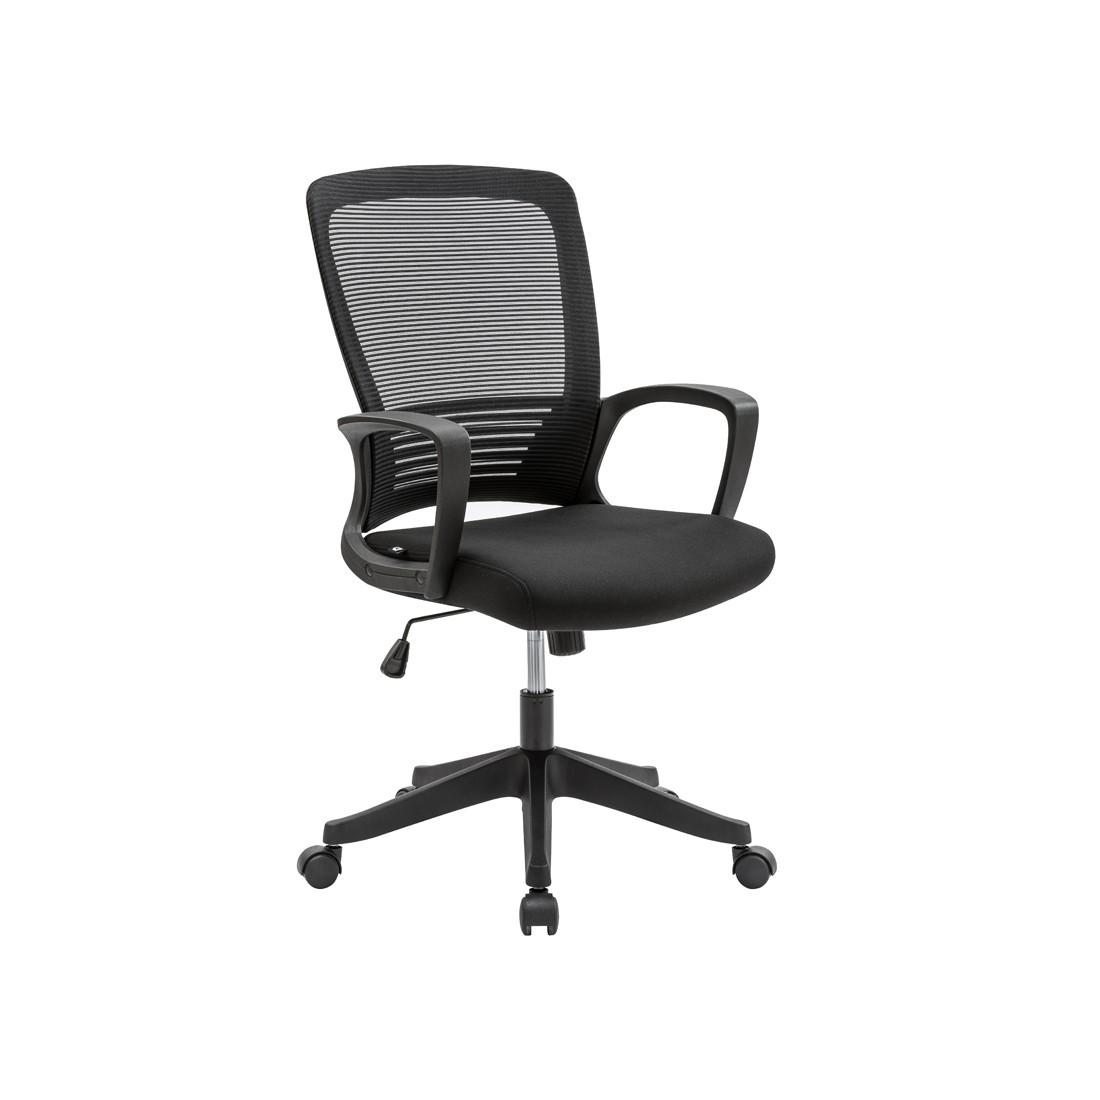 Эргономичное кресло Target black для оператора